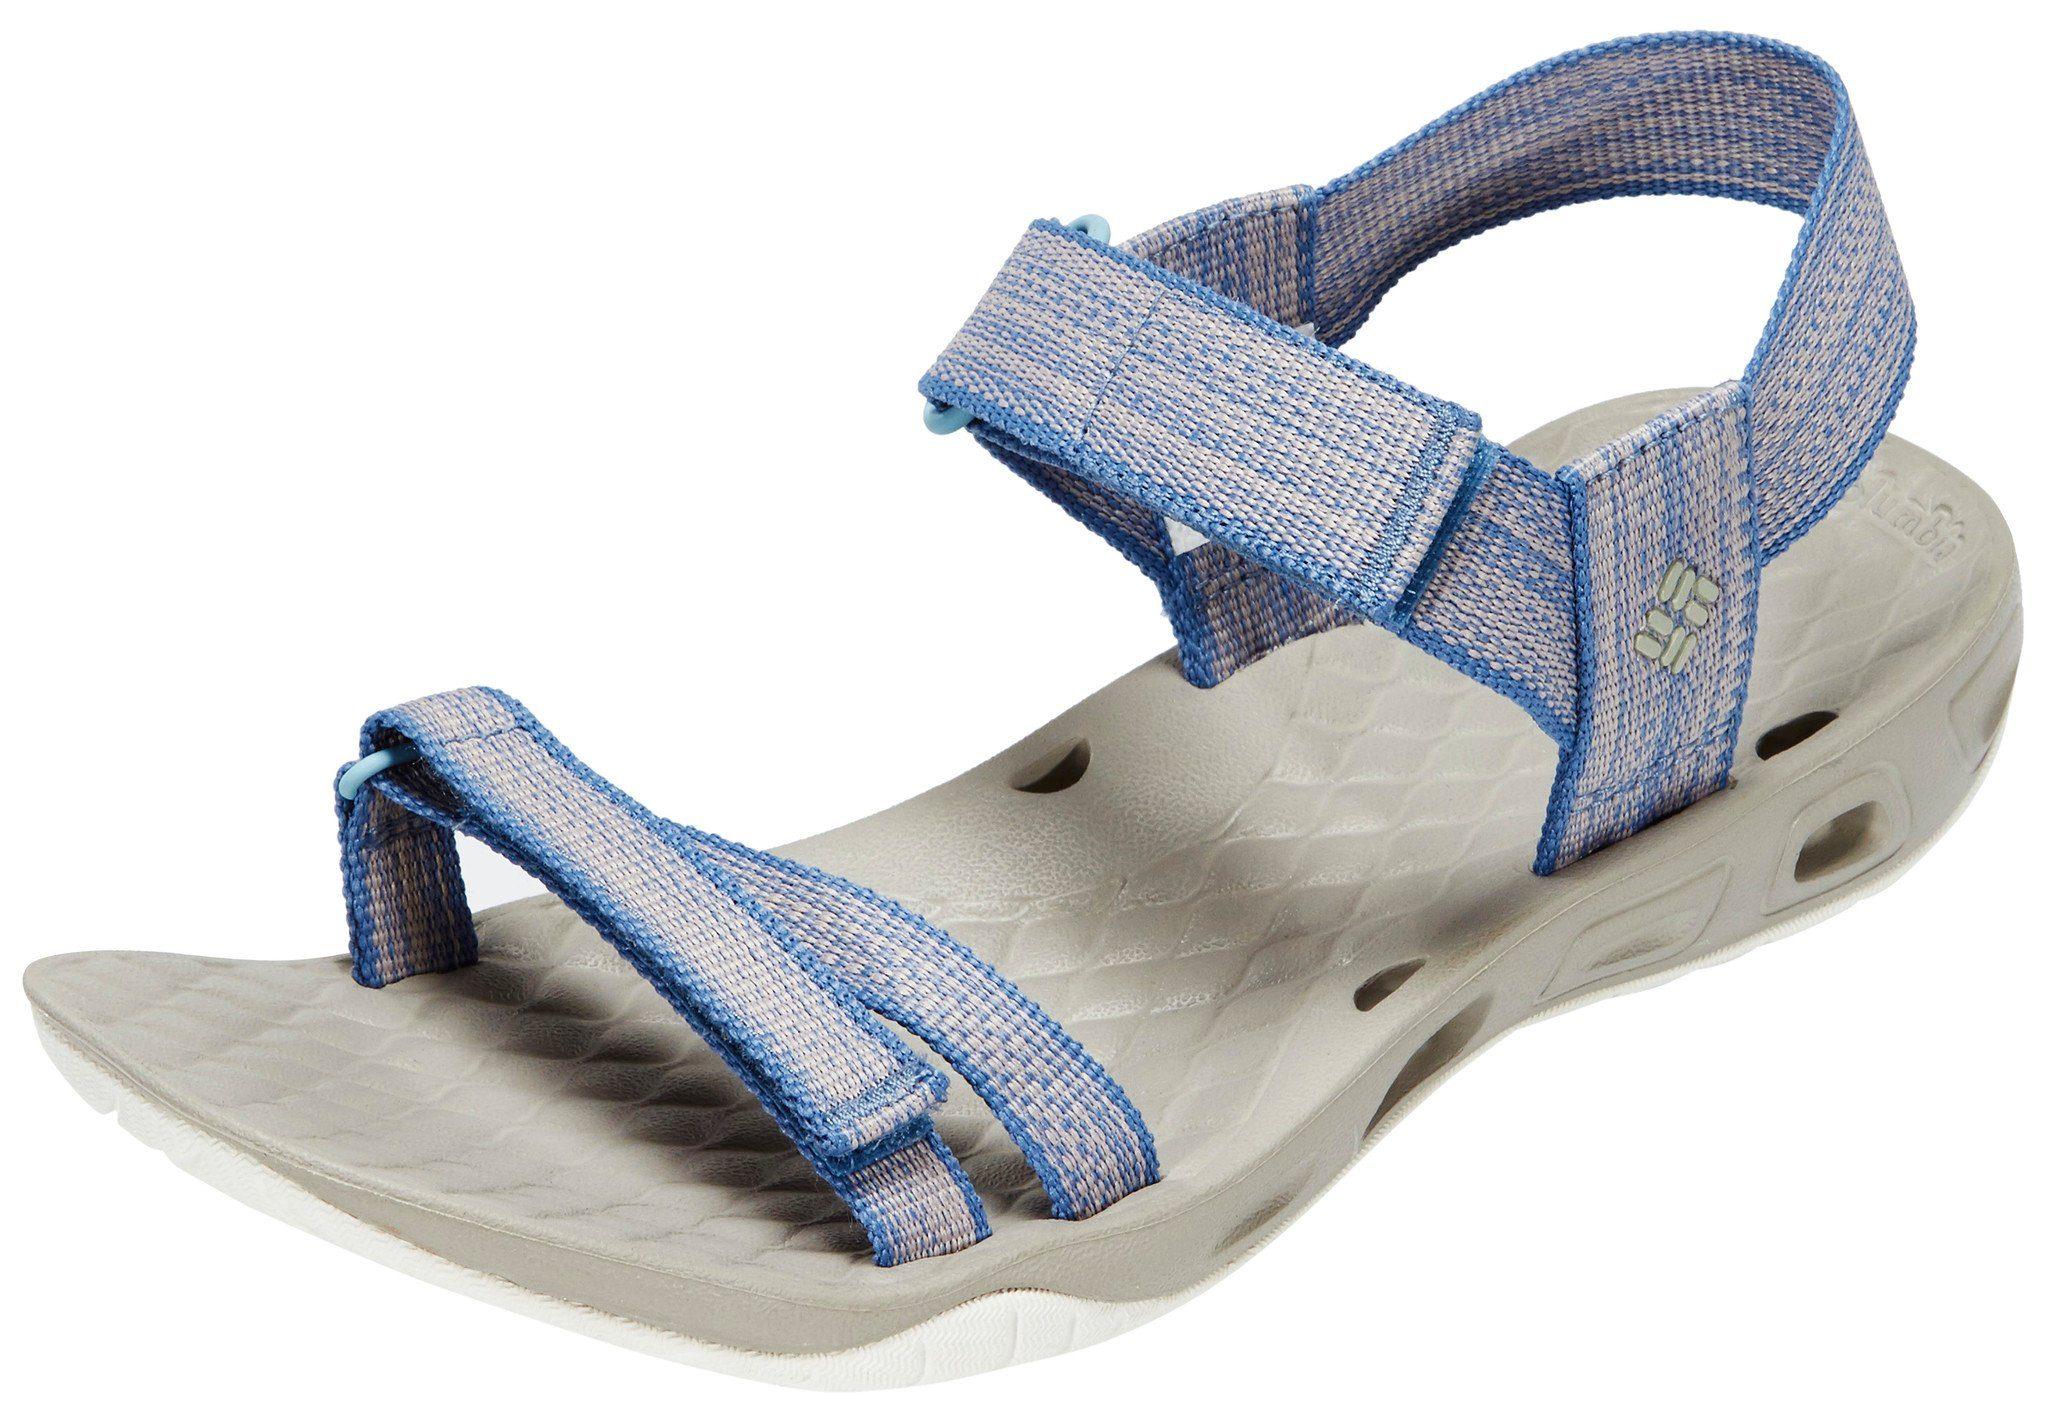 Columbia Sandale Sunbreeze Vent Avalon Shoes Women online kaufen  grau